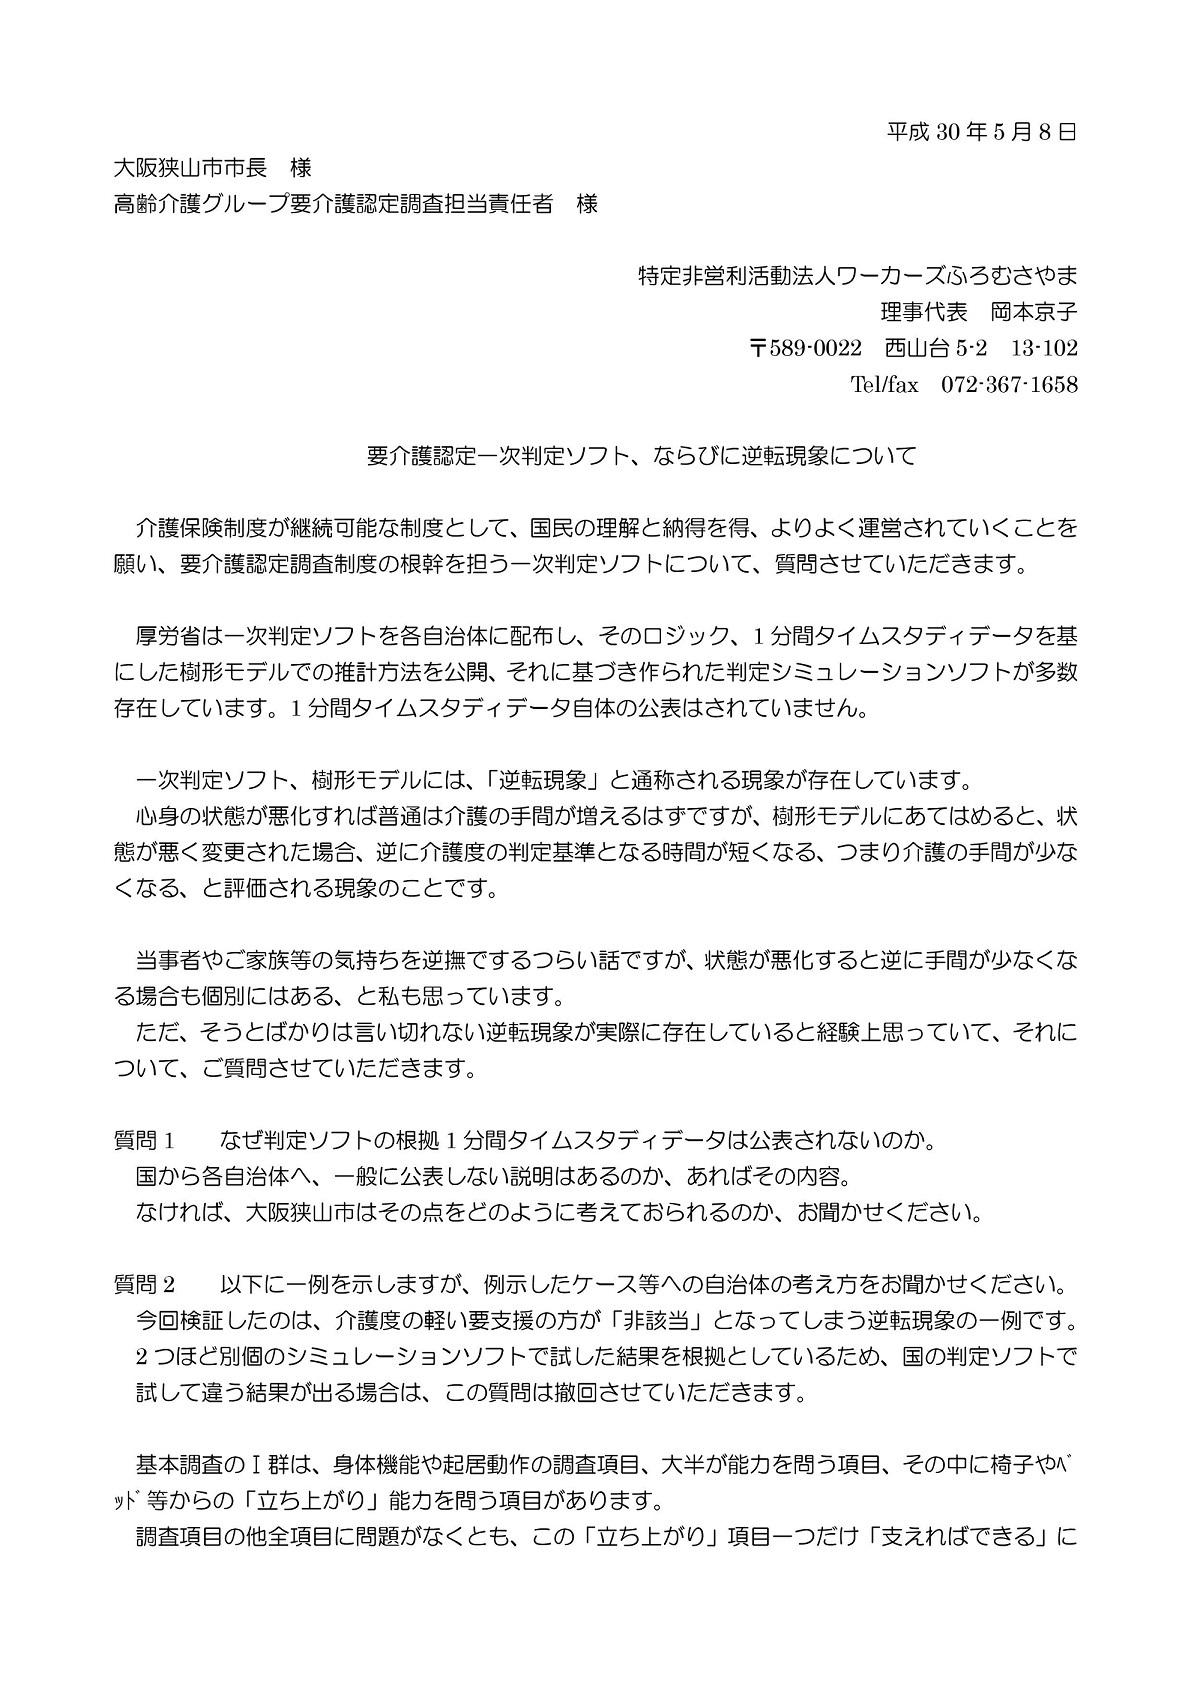 大阪狭山市質問1